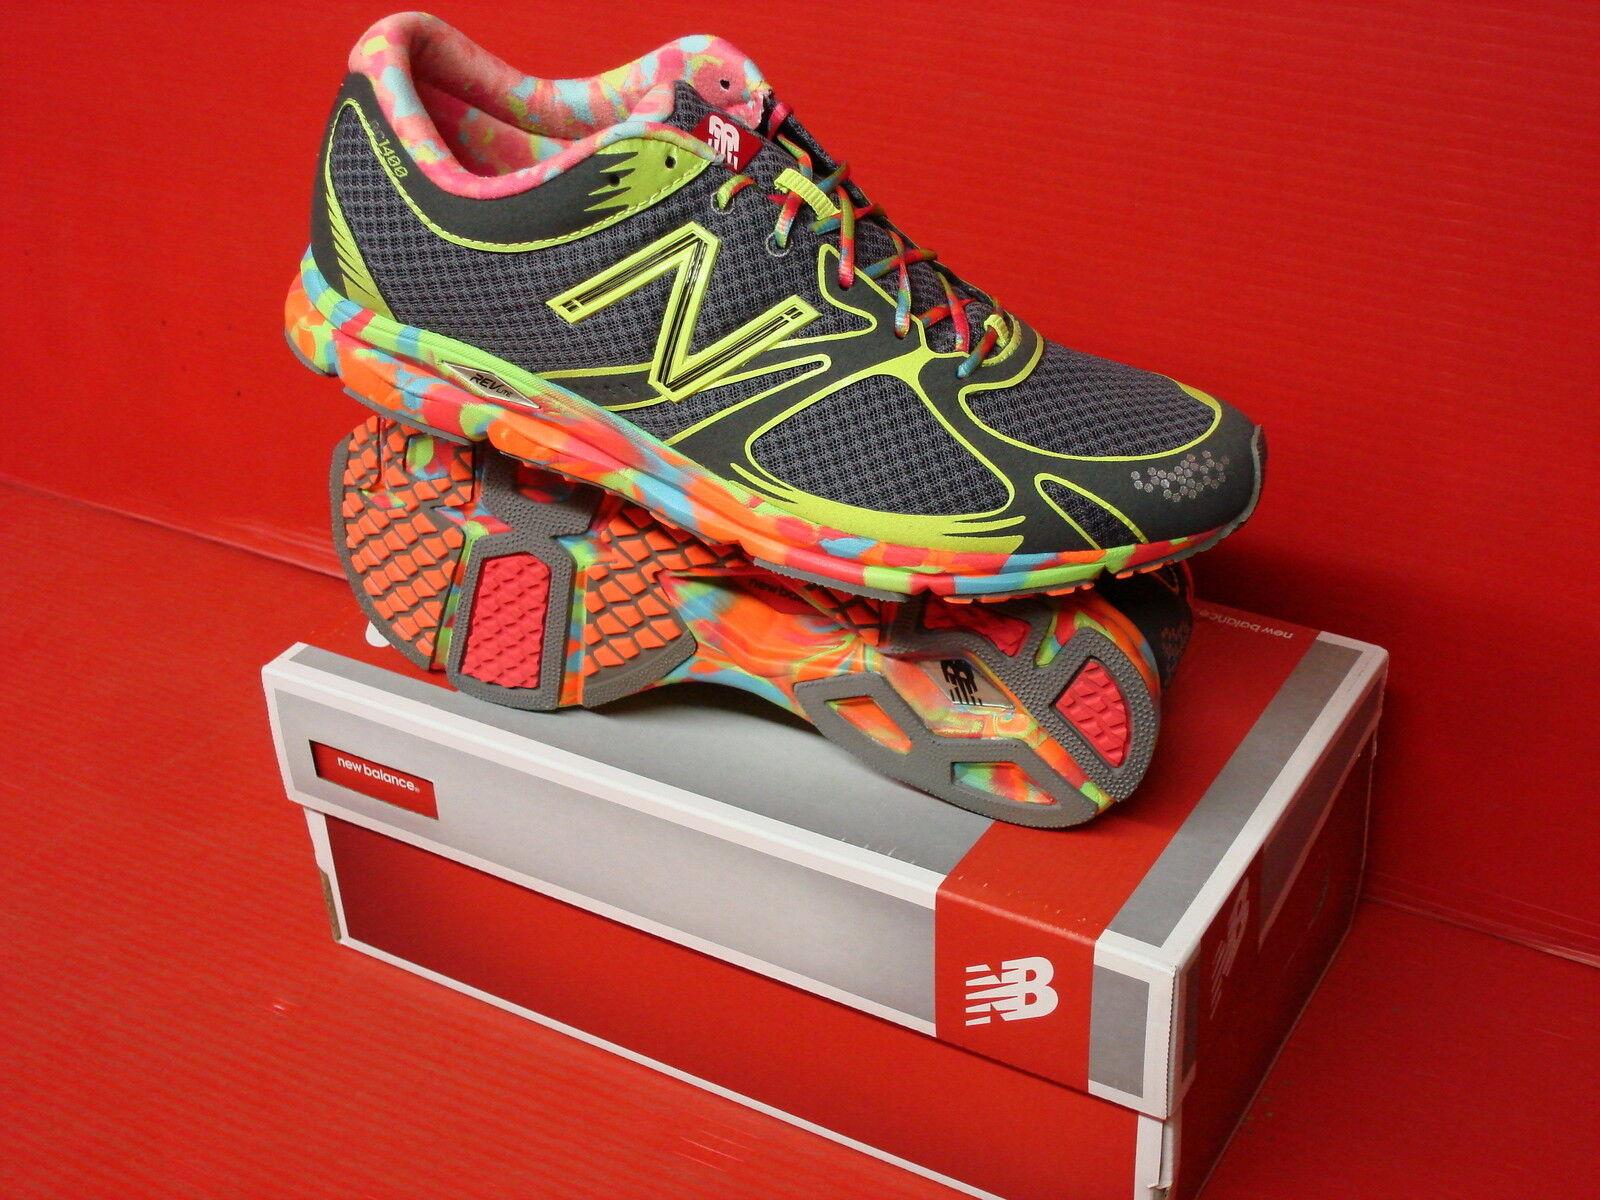 New  Balance 1400 v4 para Hombre y UE 40.5 rojo de y Hombre negro y zapatos de e899f0